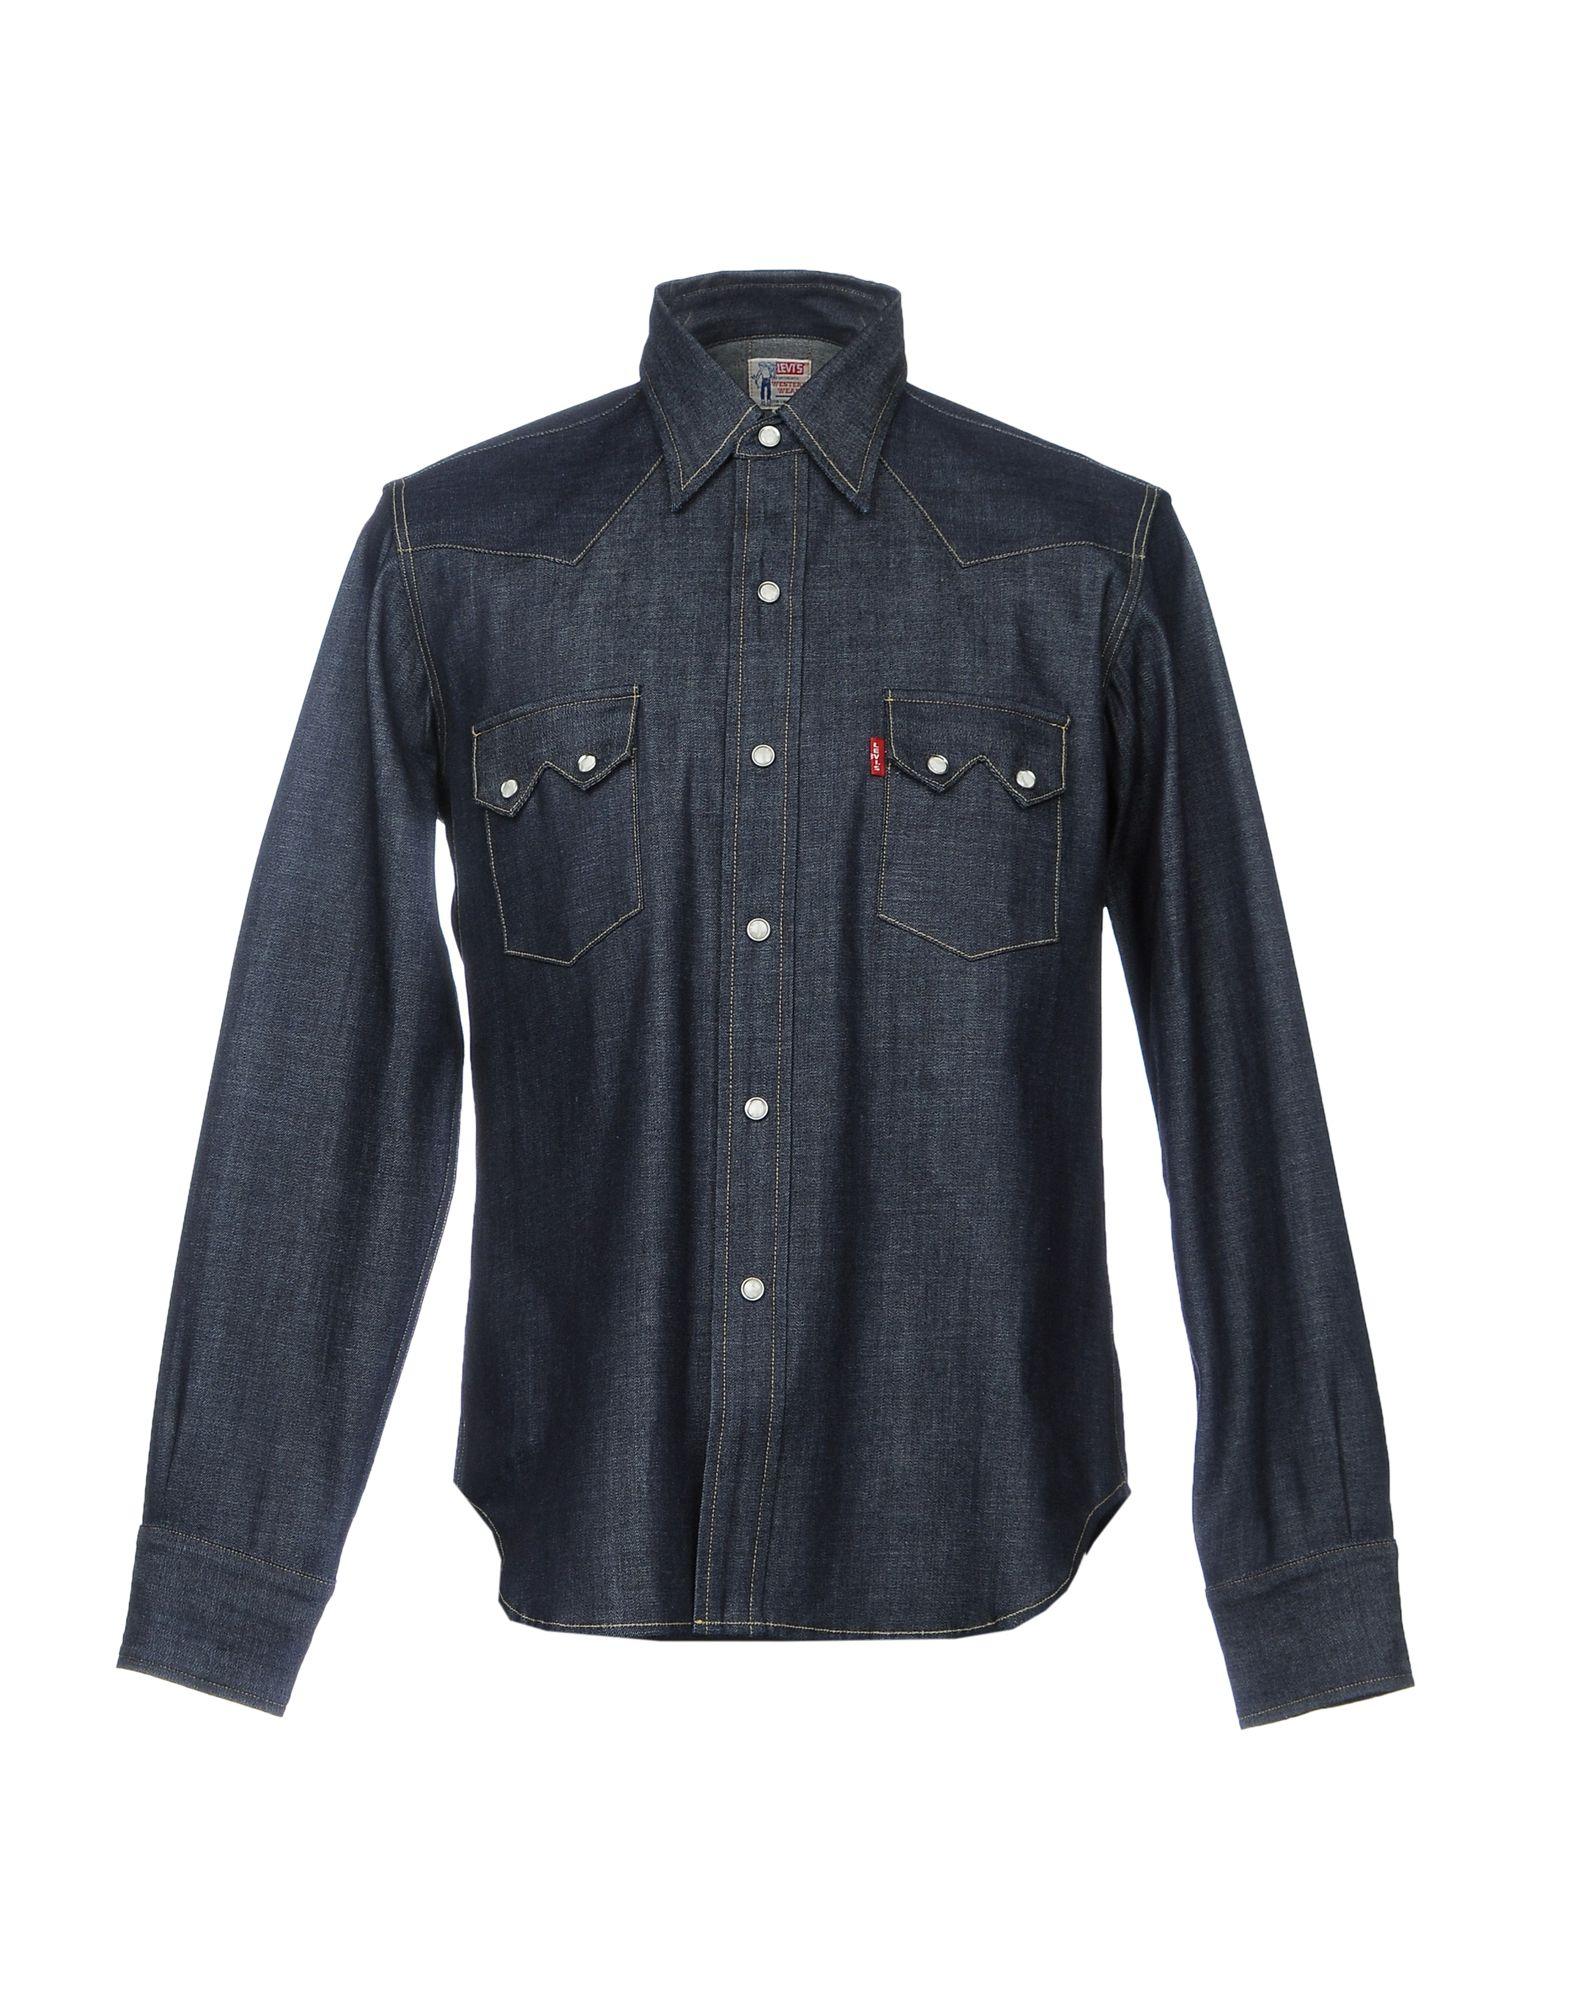 LEVI'S VINTAGE CLOTHING Джинсовая рубашка levi s vintage clothing платок